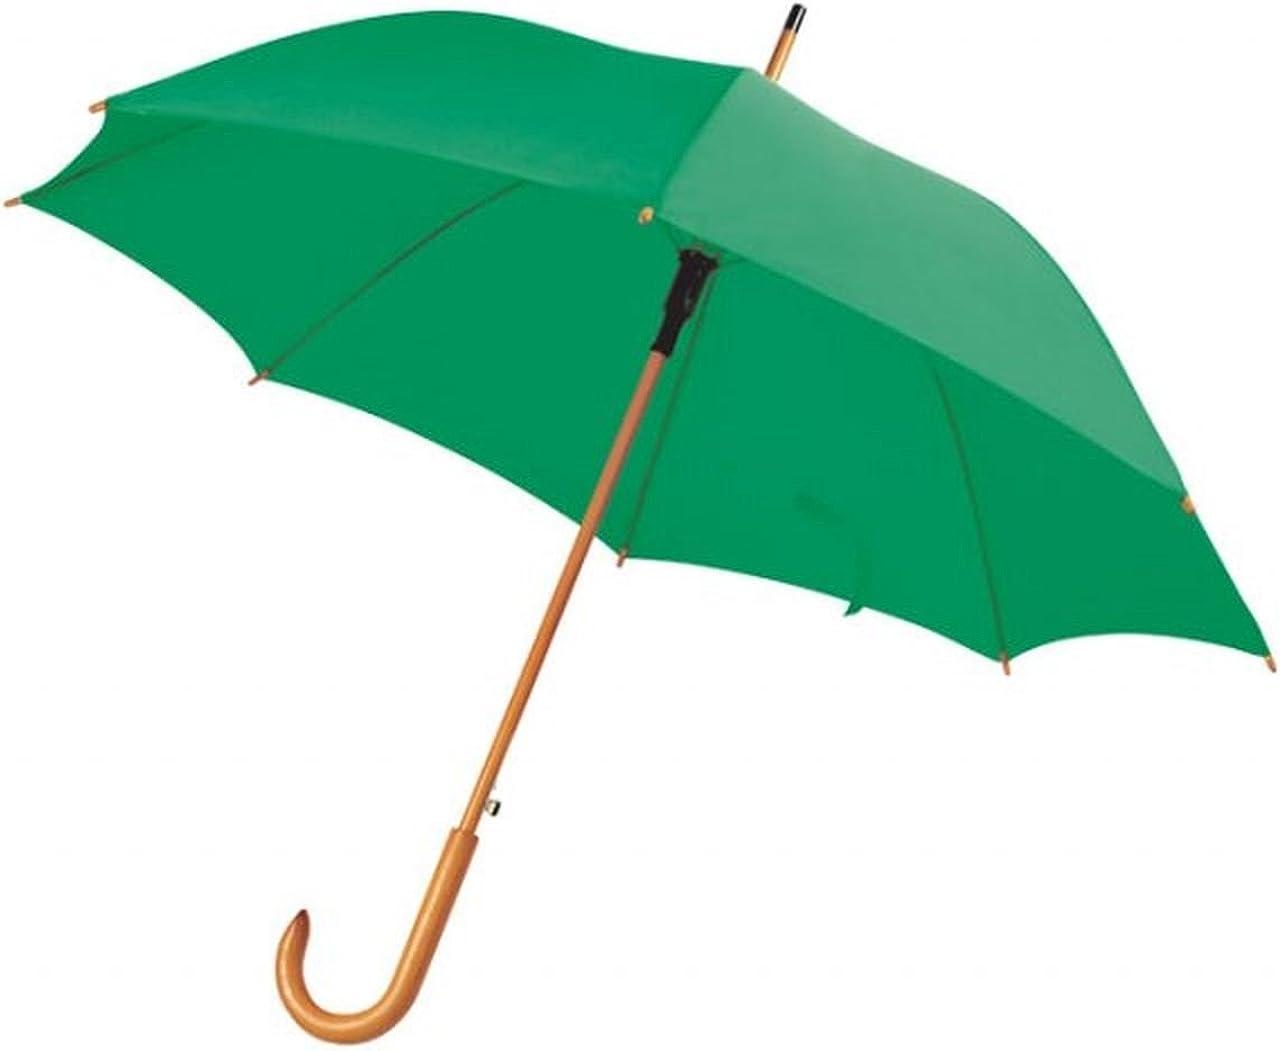 Ten Parapluie Vert avec Manche en Bois Automatique cod.EL21017 cm 89h diam.105 by Varotto /& Co.